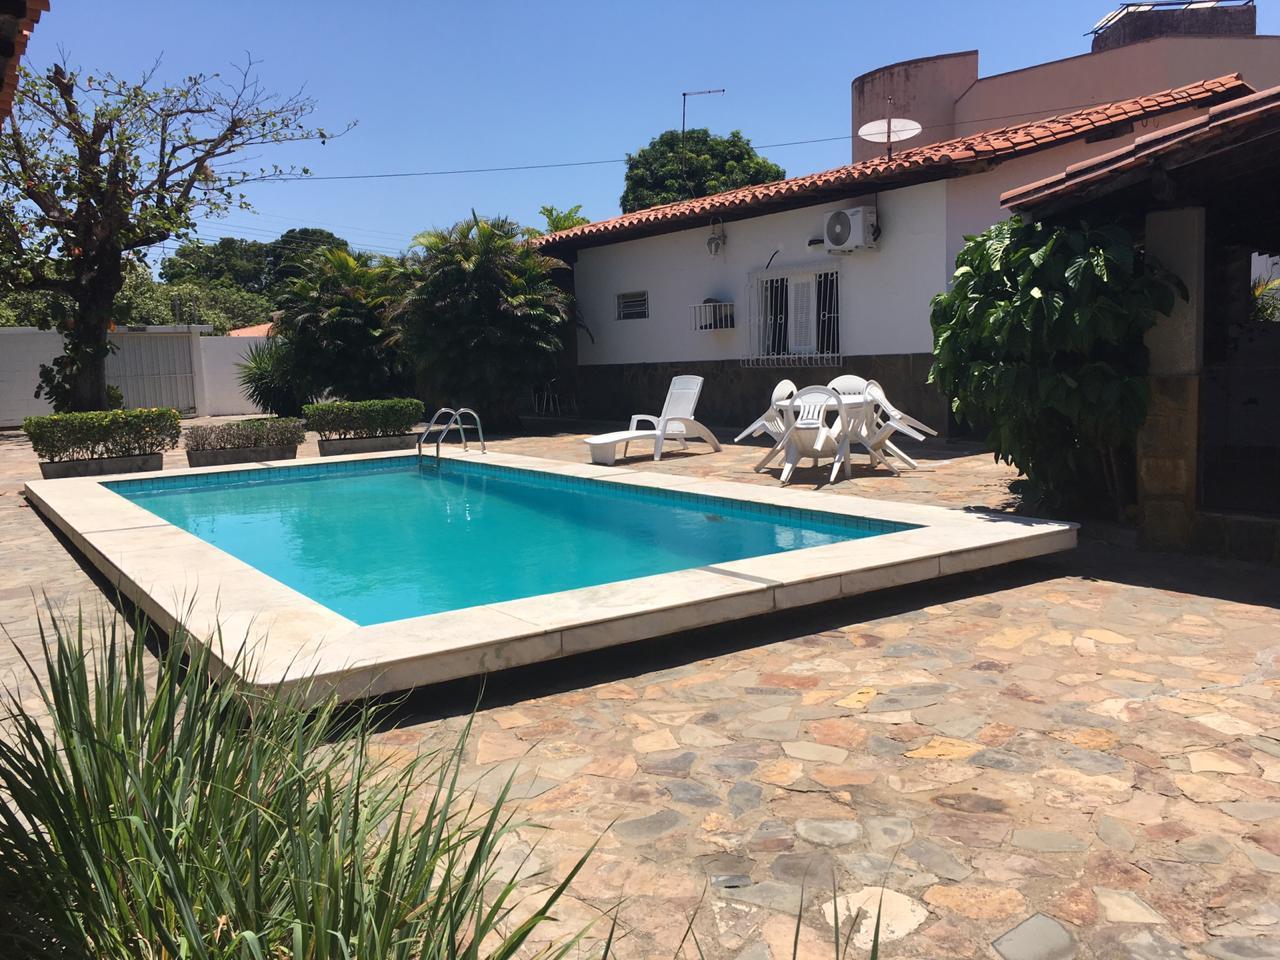 Casa para venda 30m x 30m, piscina, amplo estacionamento, 5 quartos, DCE, São Cristóvão